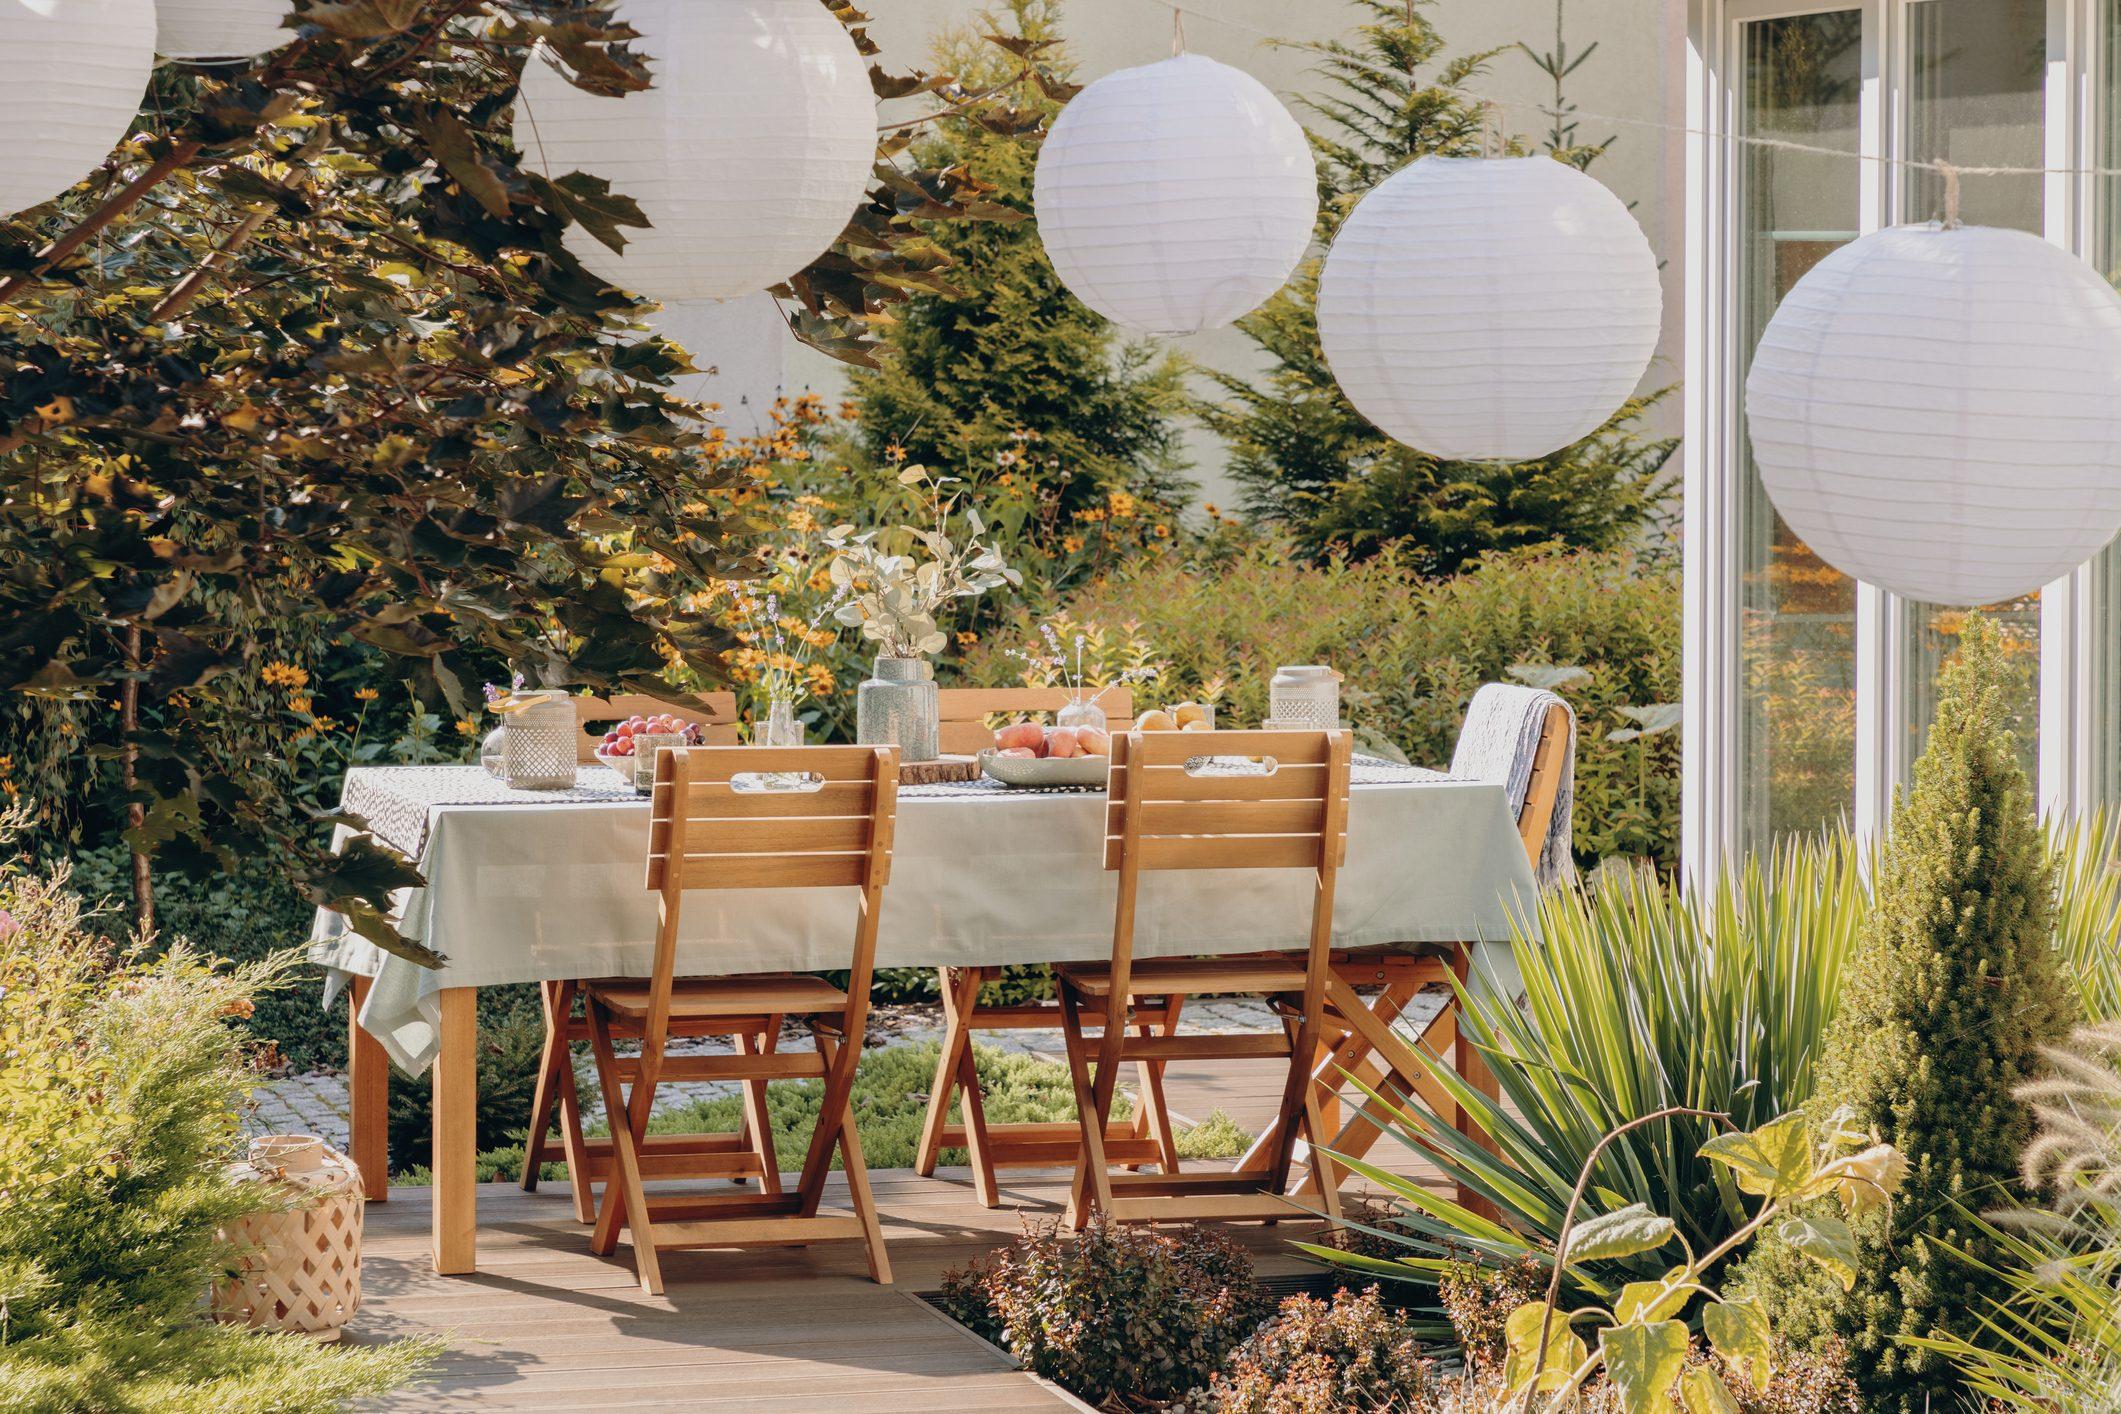 Pezzi Di Design Da Avere come arredare un giardino senza spendere molto